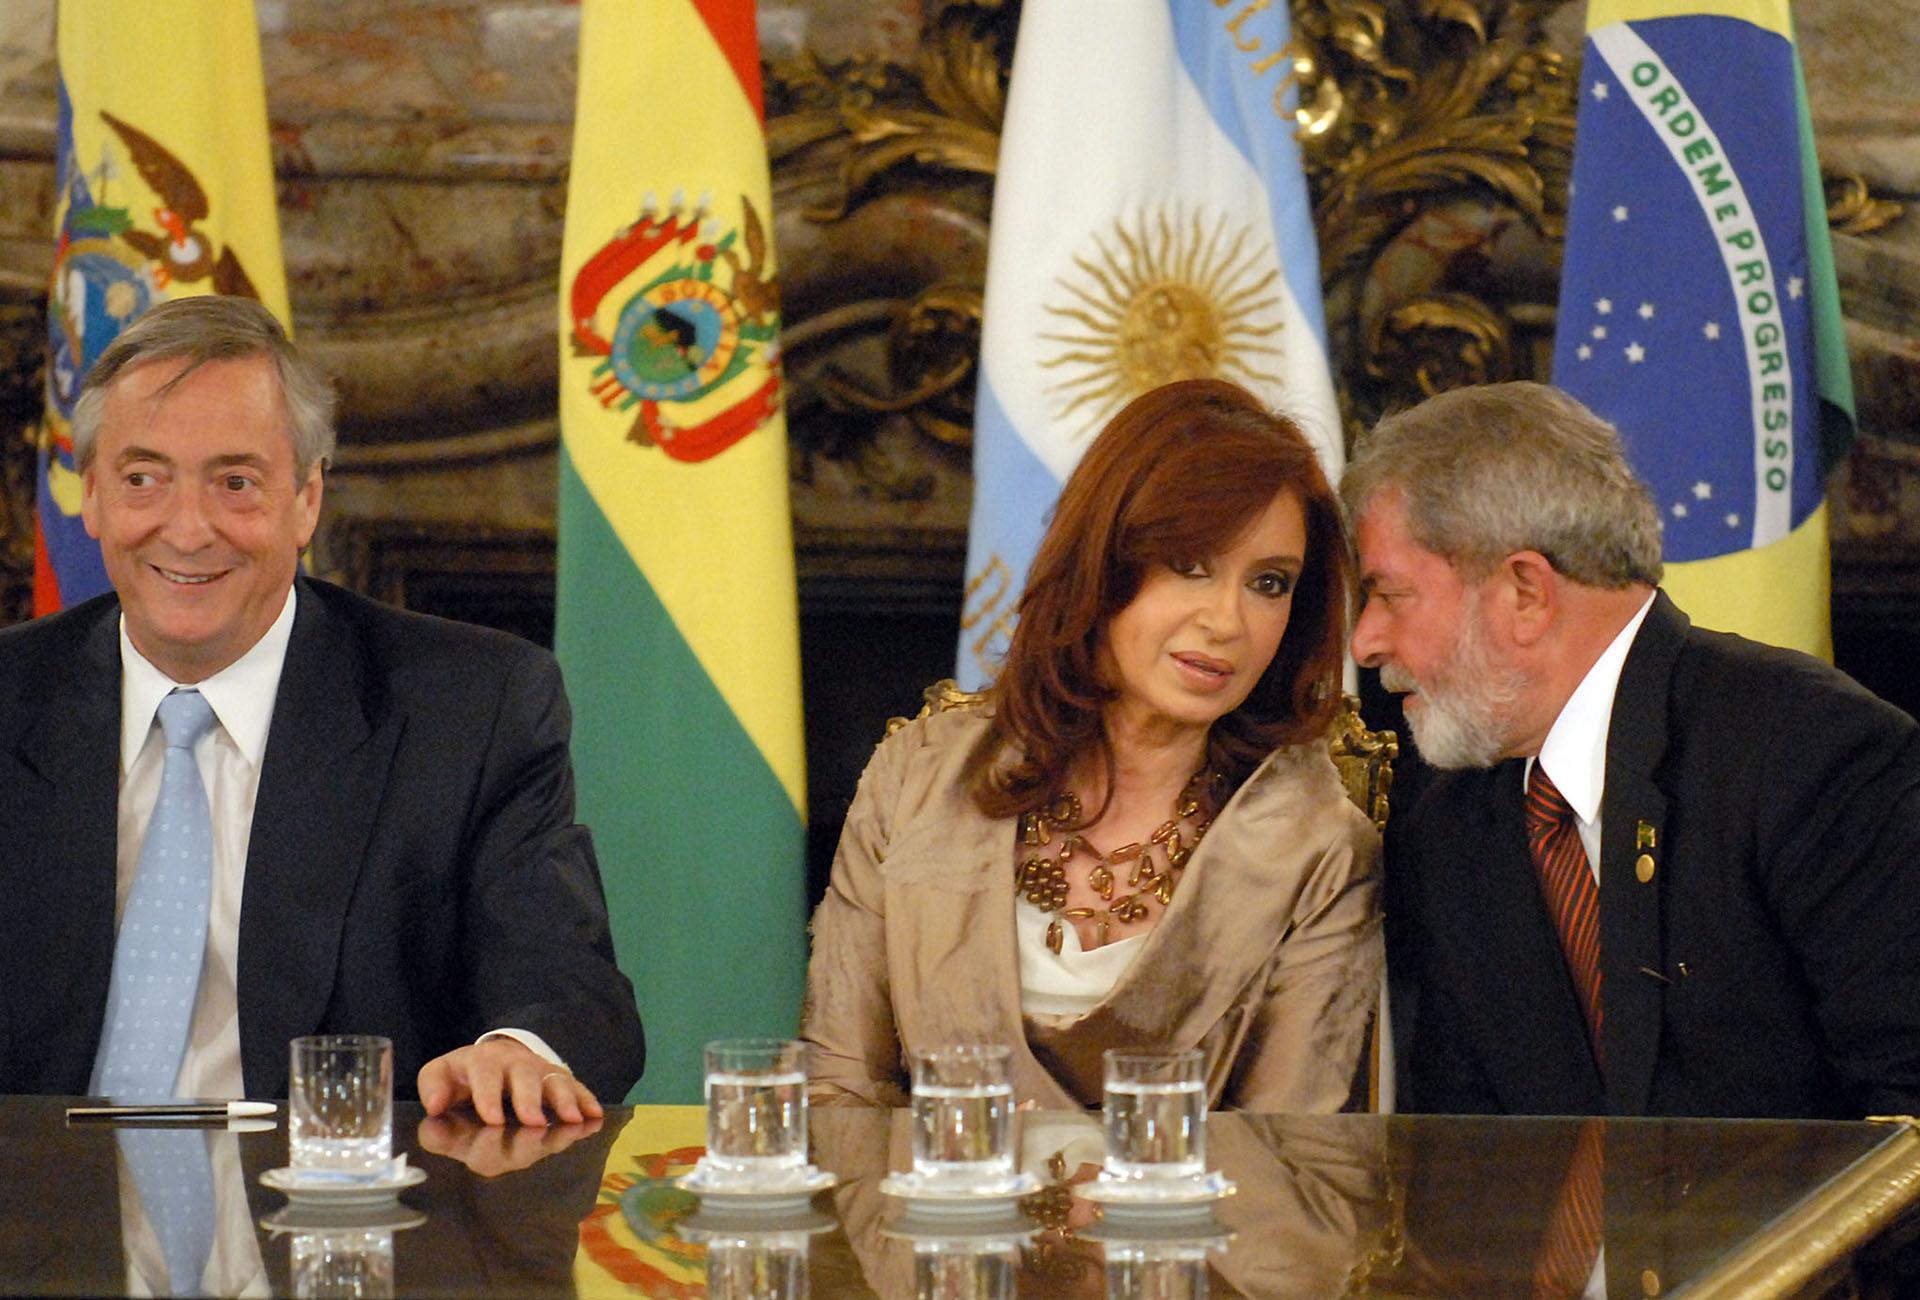 El presidente Néstor Kirchner, su esposa y presidenta electa Cristina y el presidente de Brasil, Lula Da Silva, durante la firma del acta constitutiva del Banco del Sur.